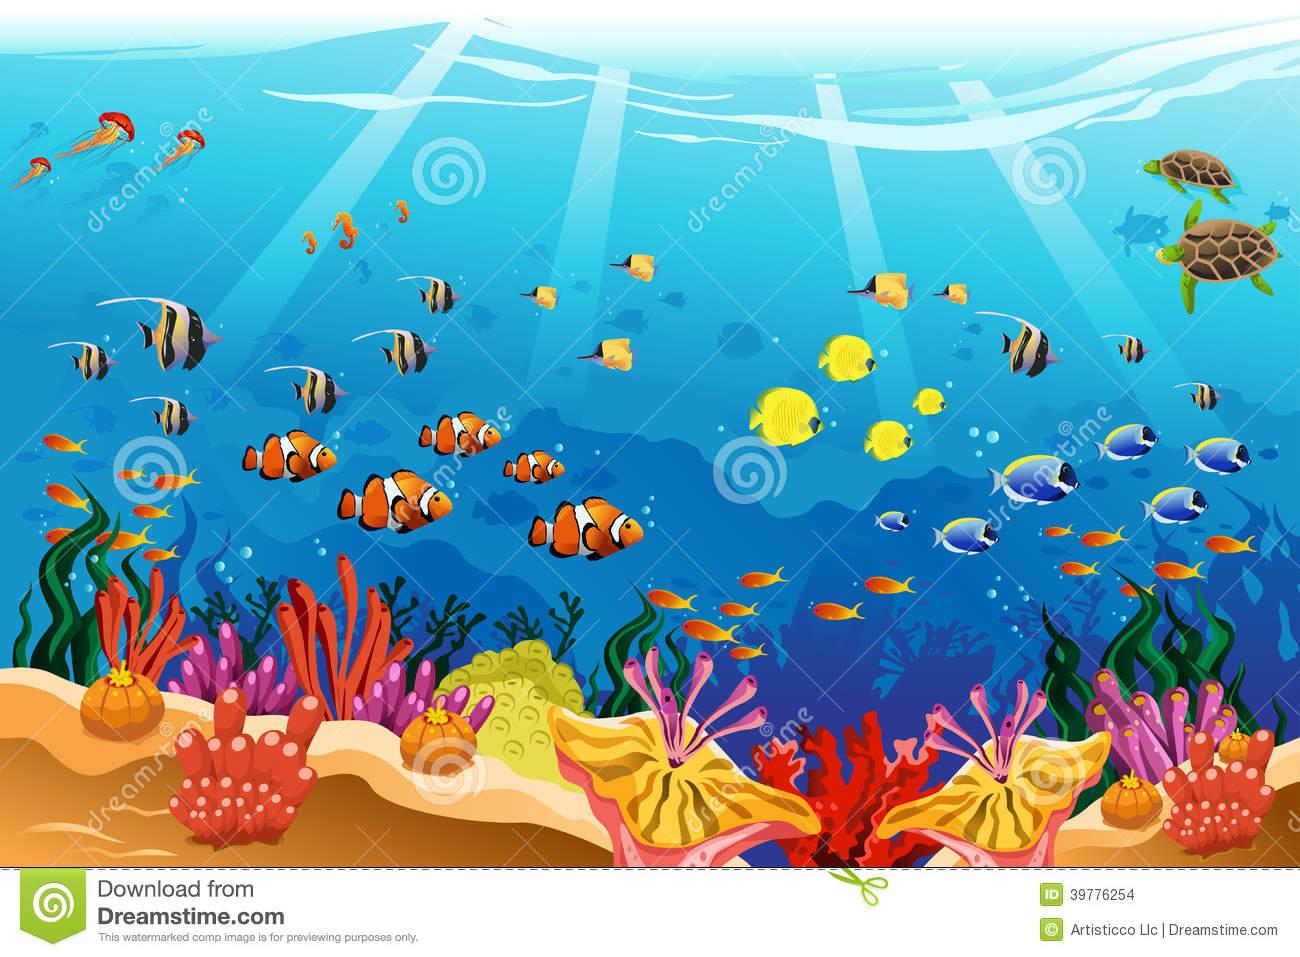 Drawing of underwater how. Aquarium clipart scene